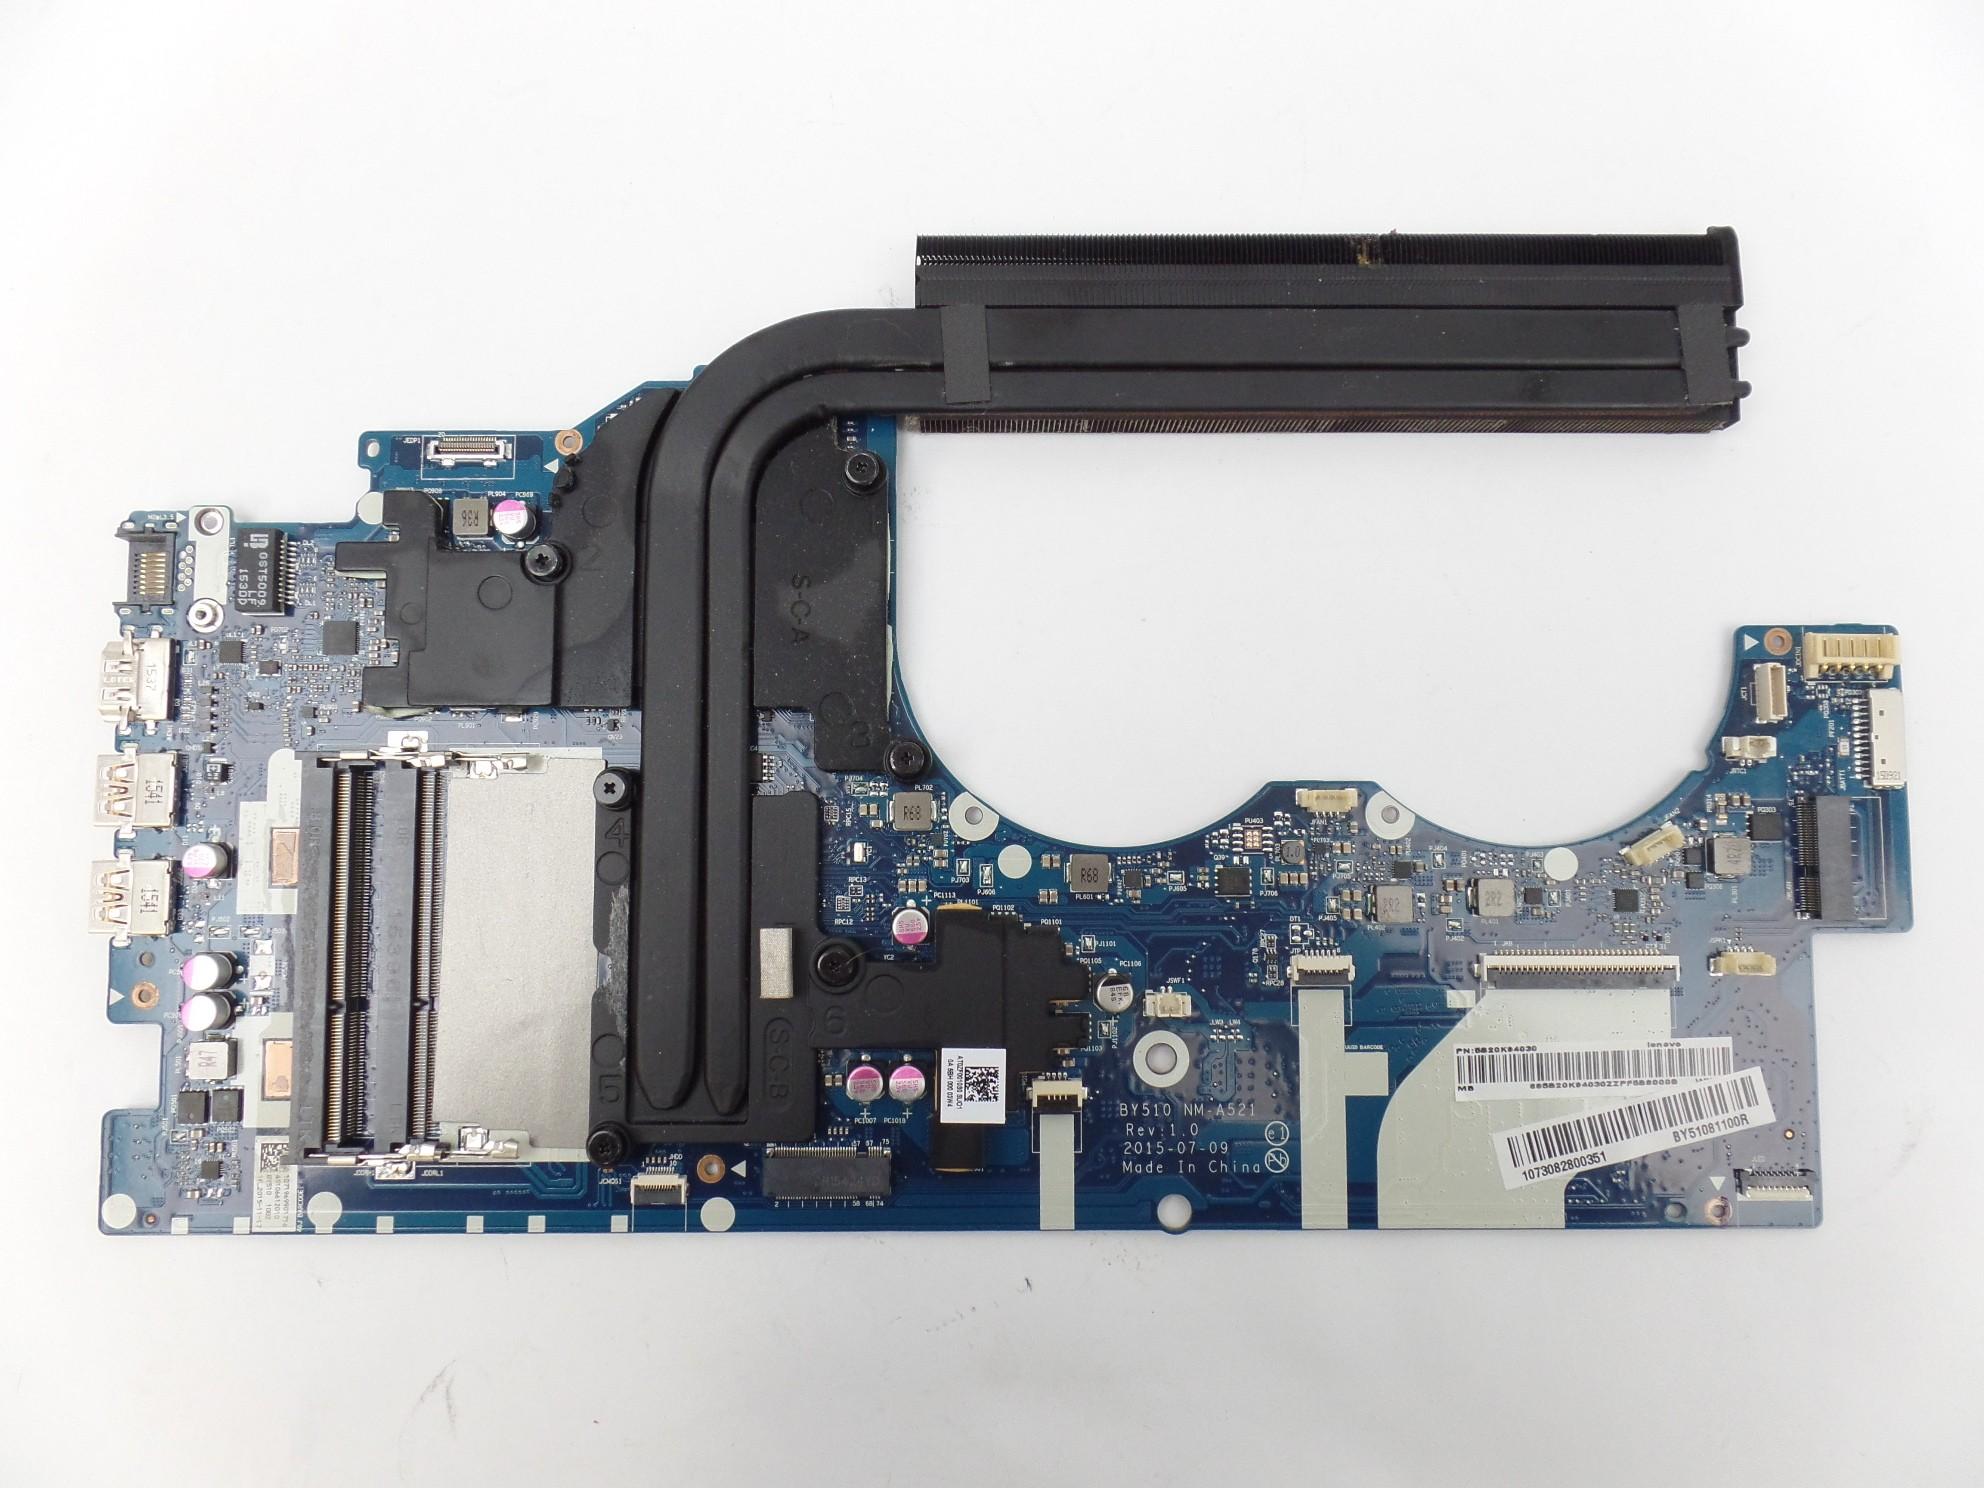 Read: Parts, Lenovo Y700-15ACZ OEM Motherboard AMD FX-8800p R9 M385x  5B20K94030